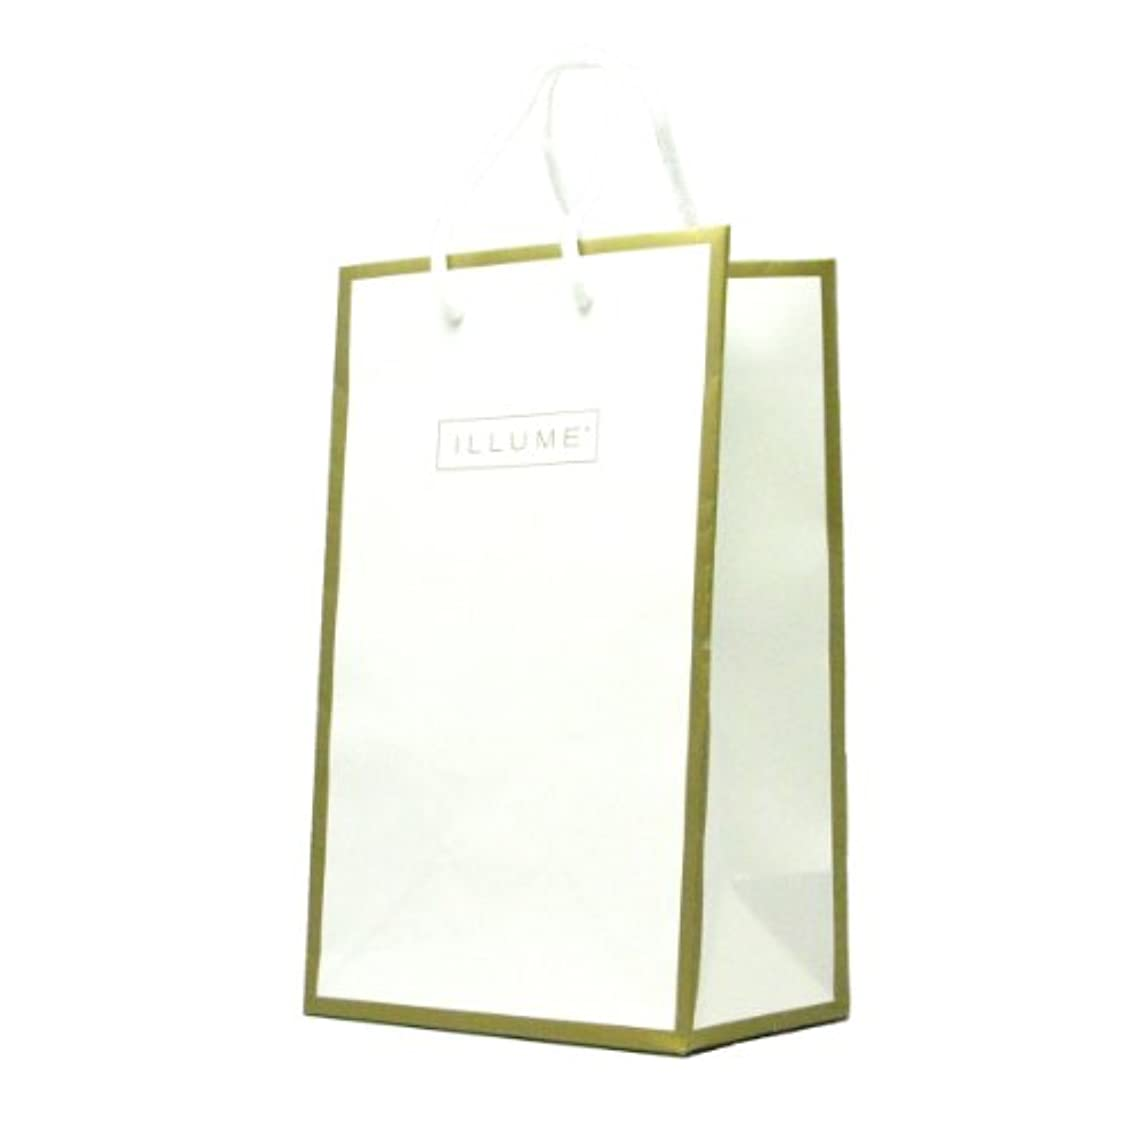 任意ヒステリック名門イリューム(ILLUME) ギフトバッグ(Gift Bag) (ILLUMEギフトバッグ)